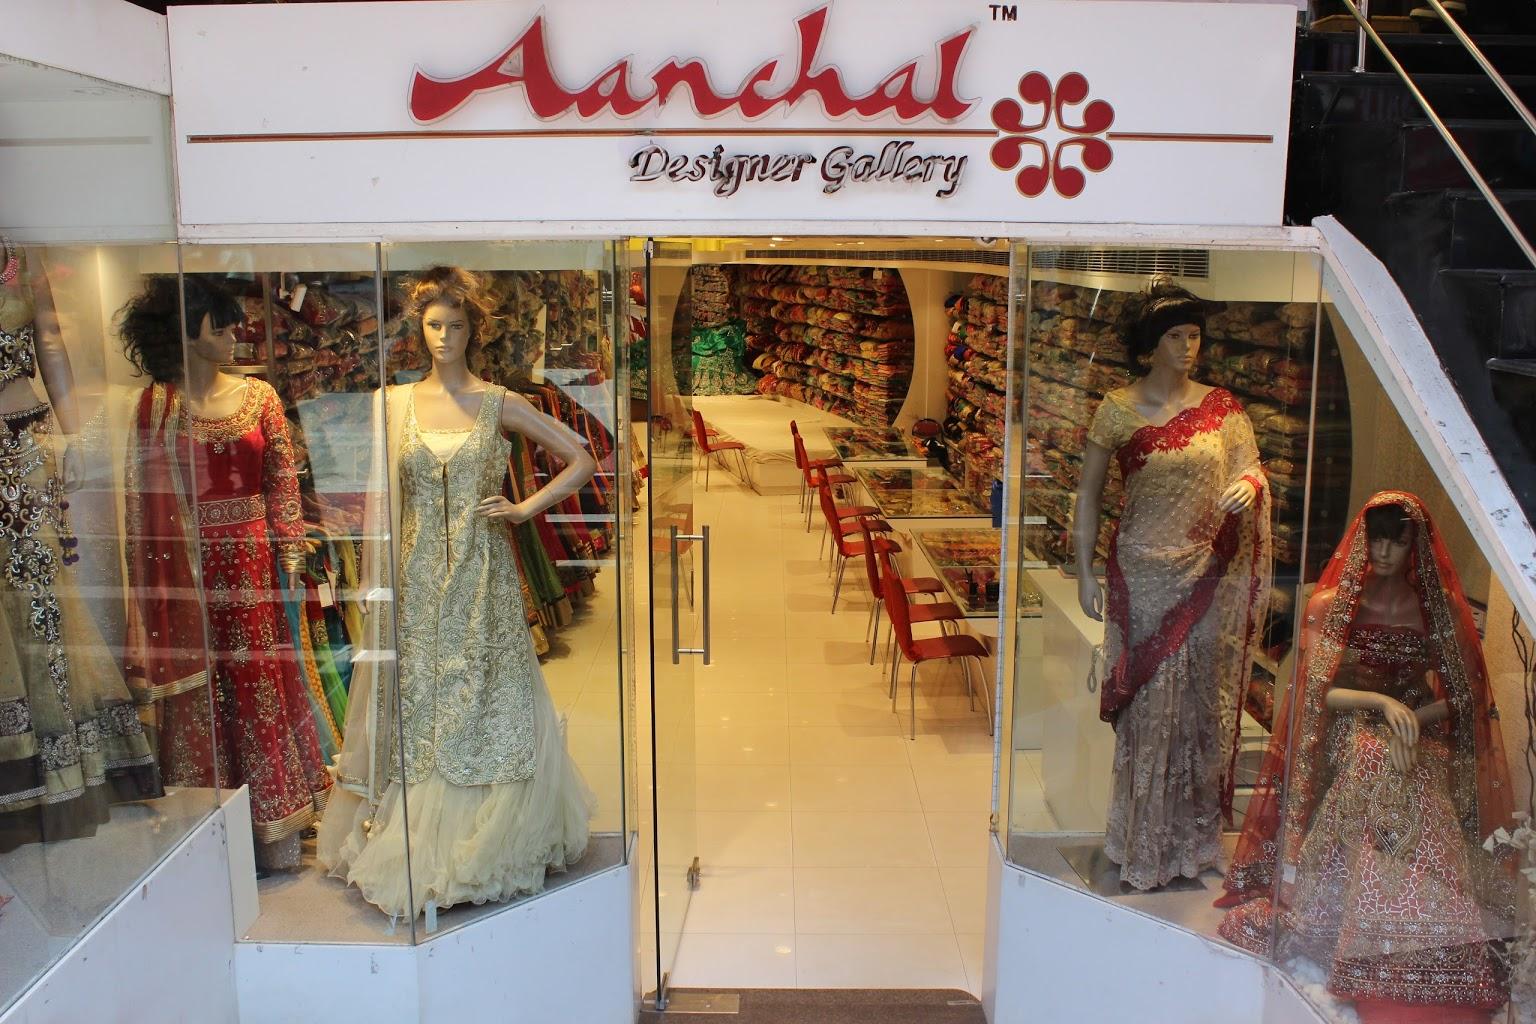 Aanchal Designer Gallery (Commercial Street)